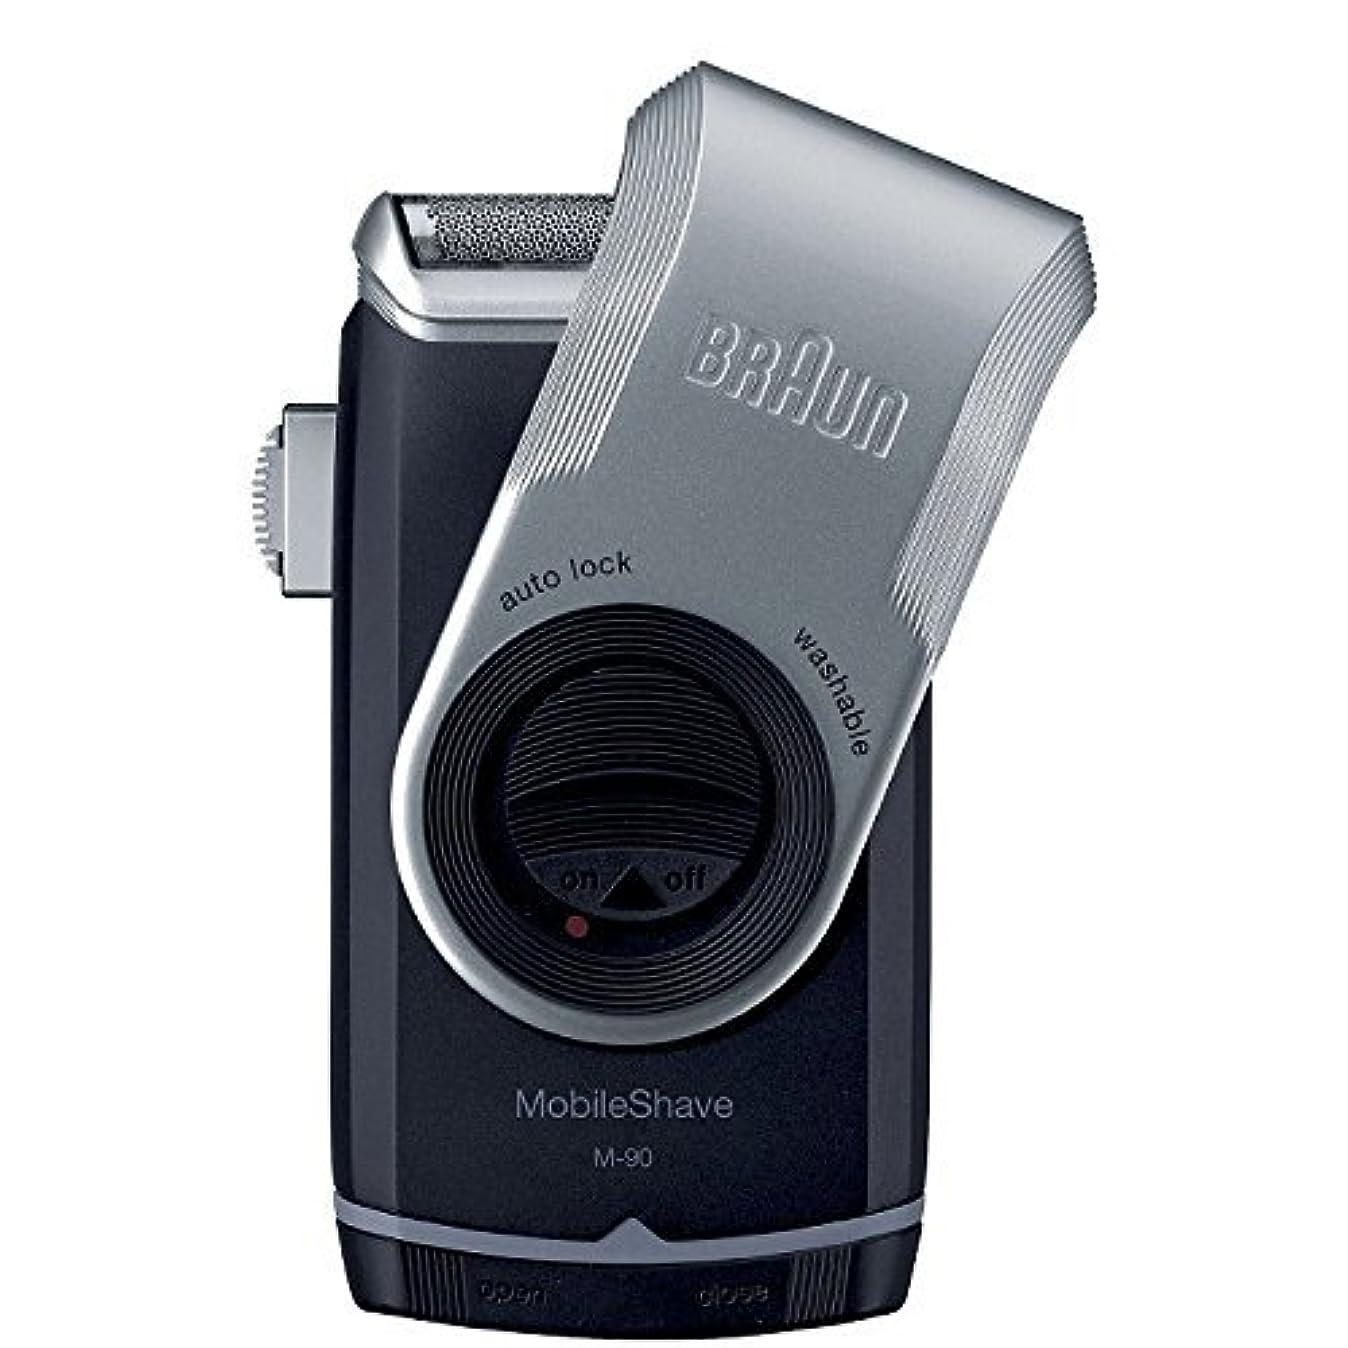 ベルトドラゴンプロポーショナルBraun M90 Pocketgo Mobileshave スマートホイルでポータブルシェーバー [並行輸入品]